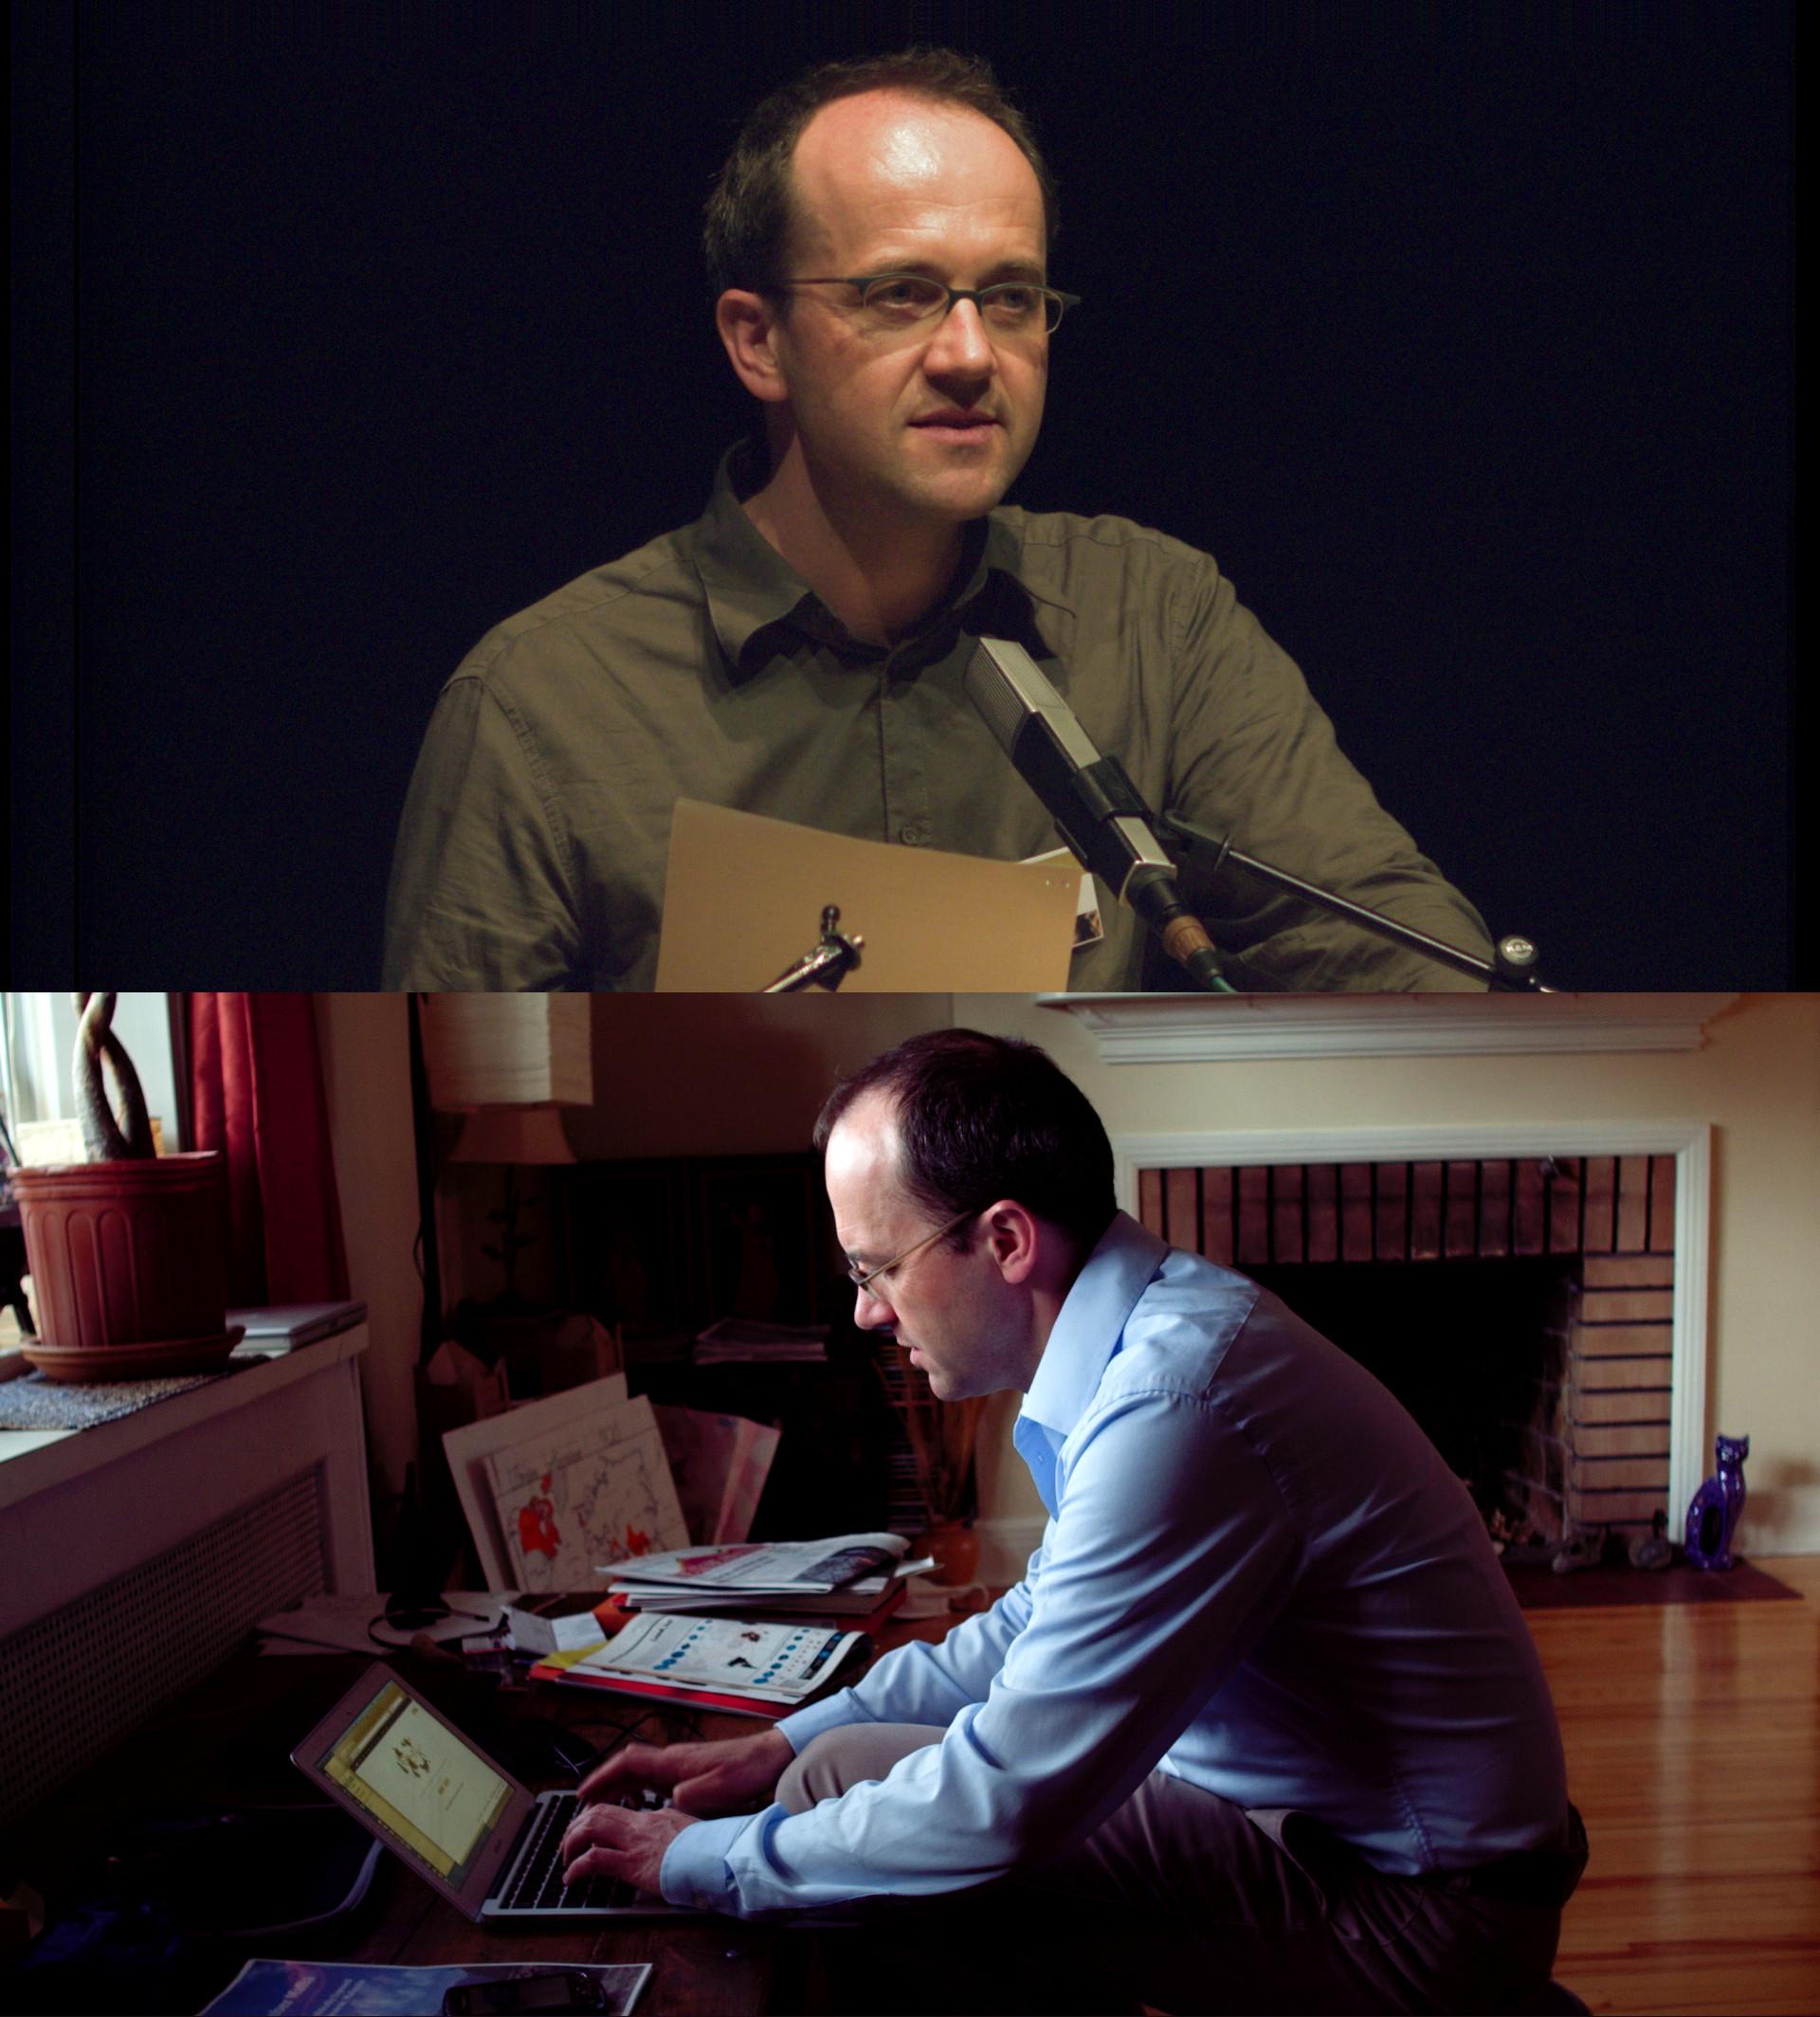 Lukas Straumann